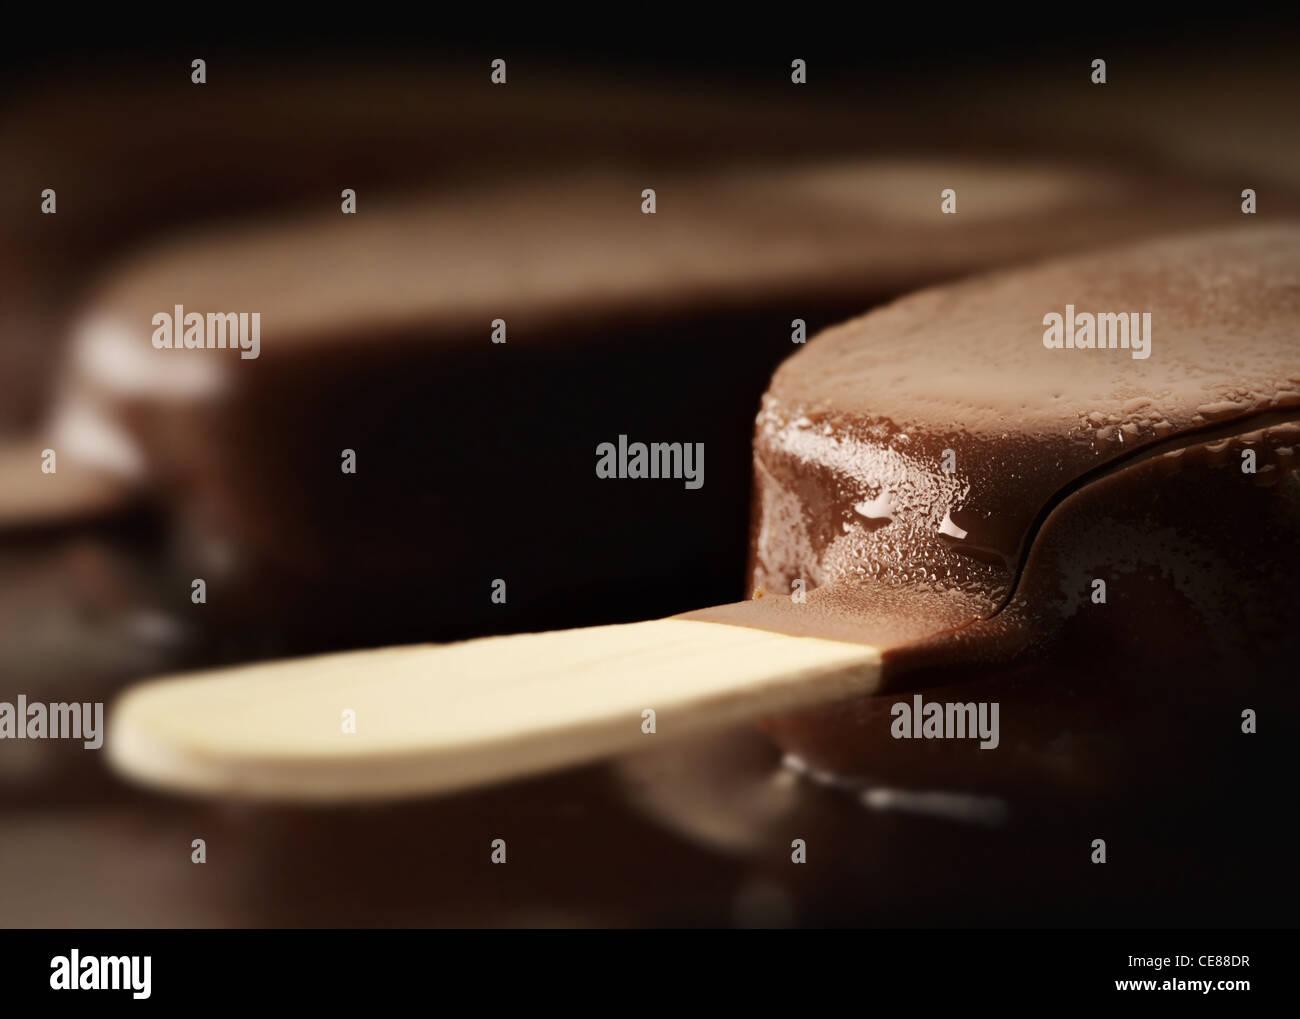 La fusión del helado de chocolate bar cerca. Imagen De Stock